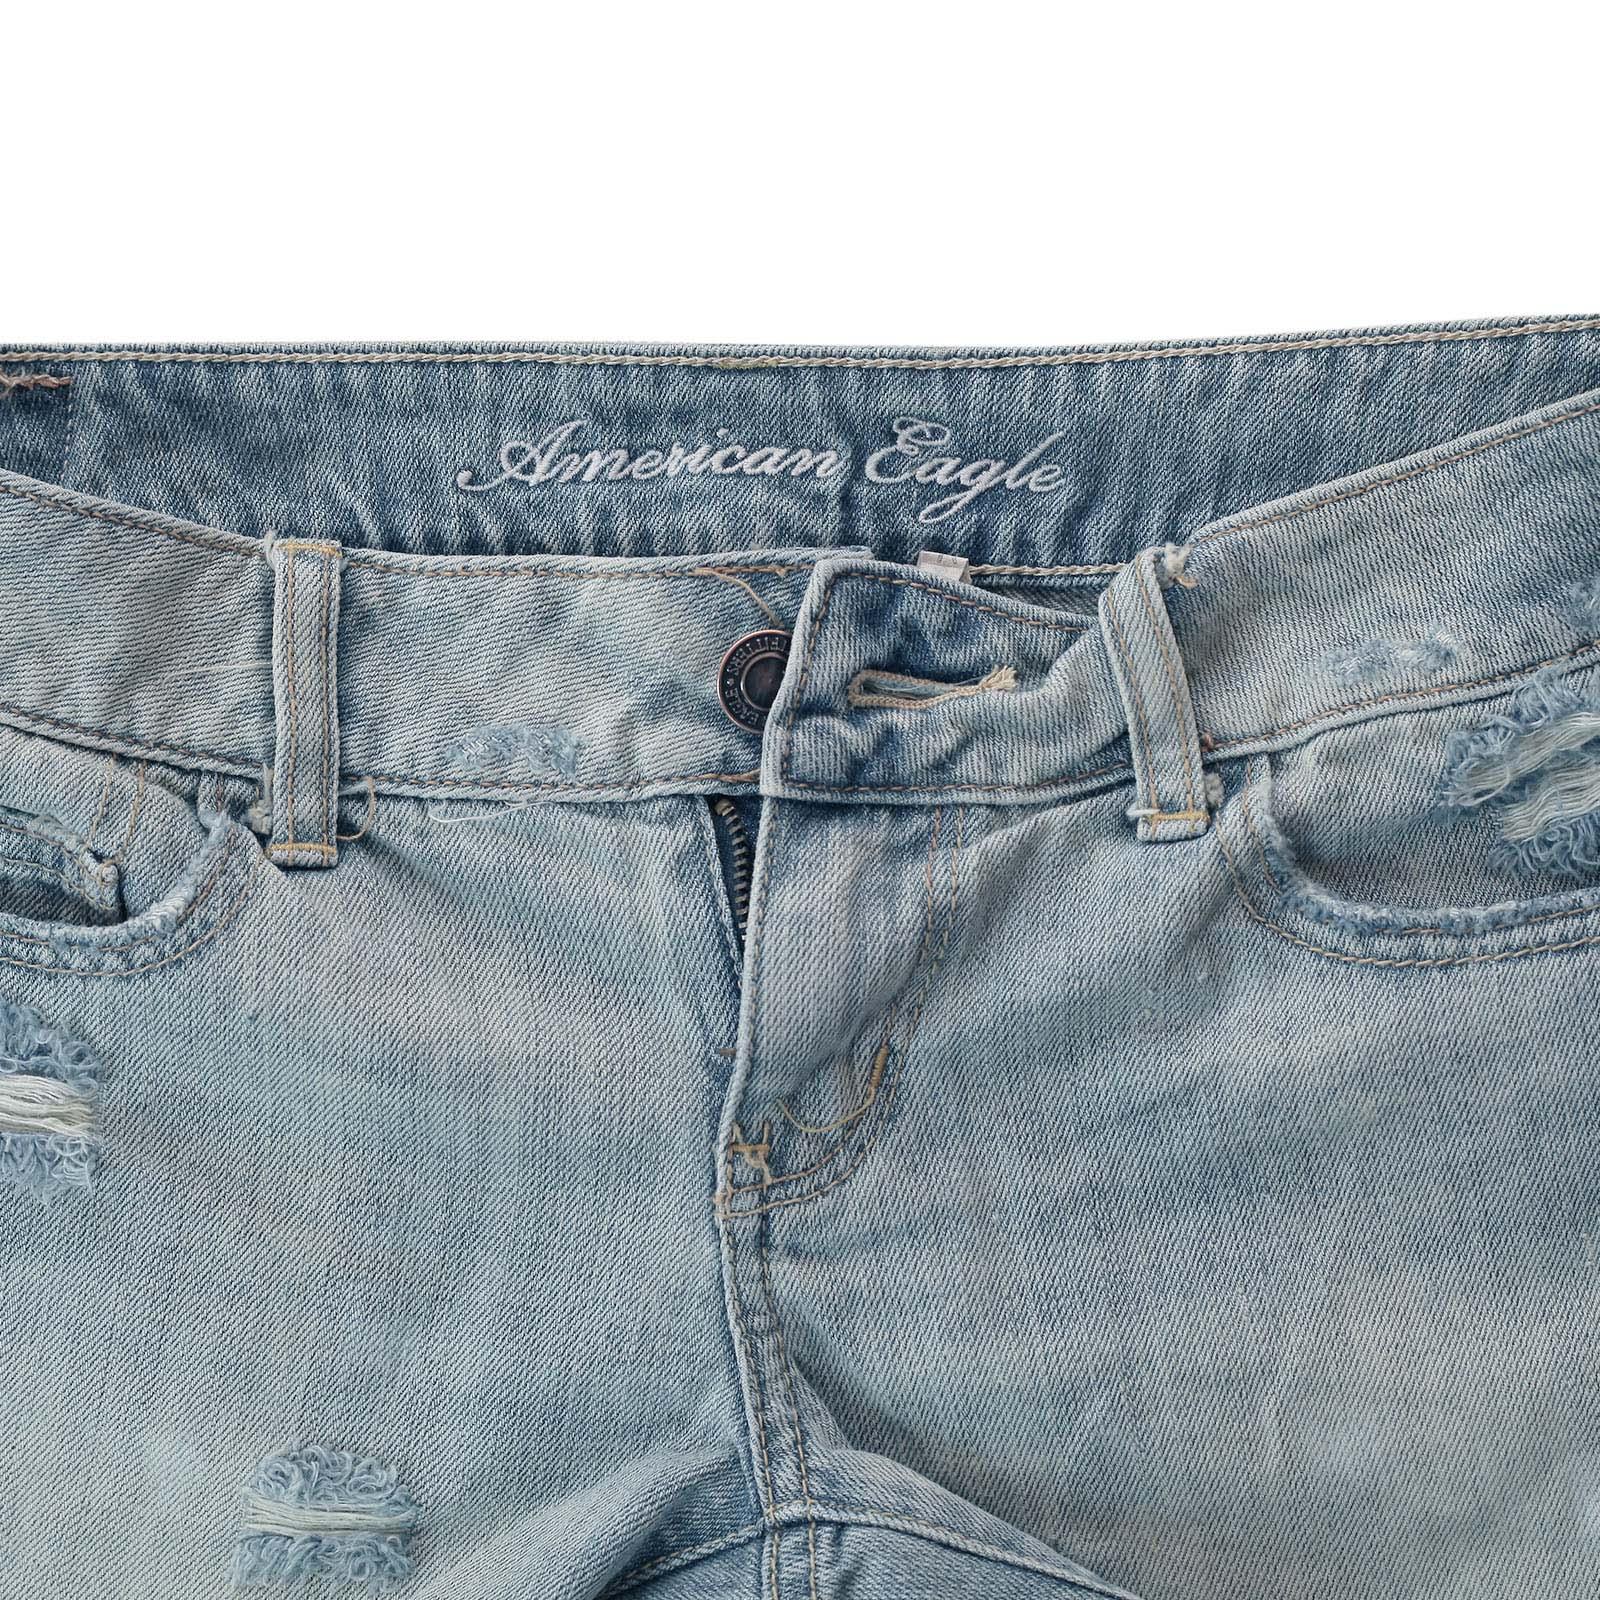 Джинсовые шортики American Eagle - обрезанные затёртые джинсы из крутого материала за 45 $ в магазинах Америки